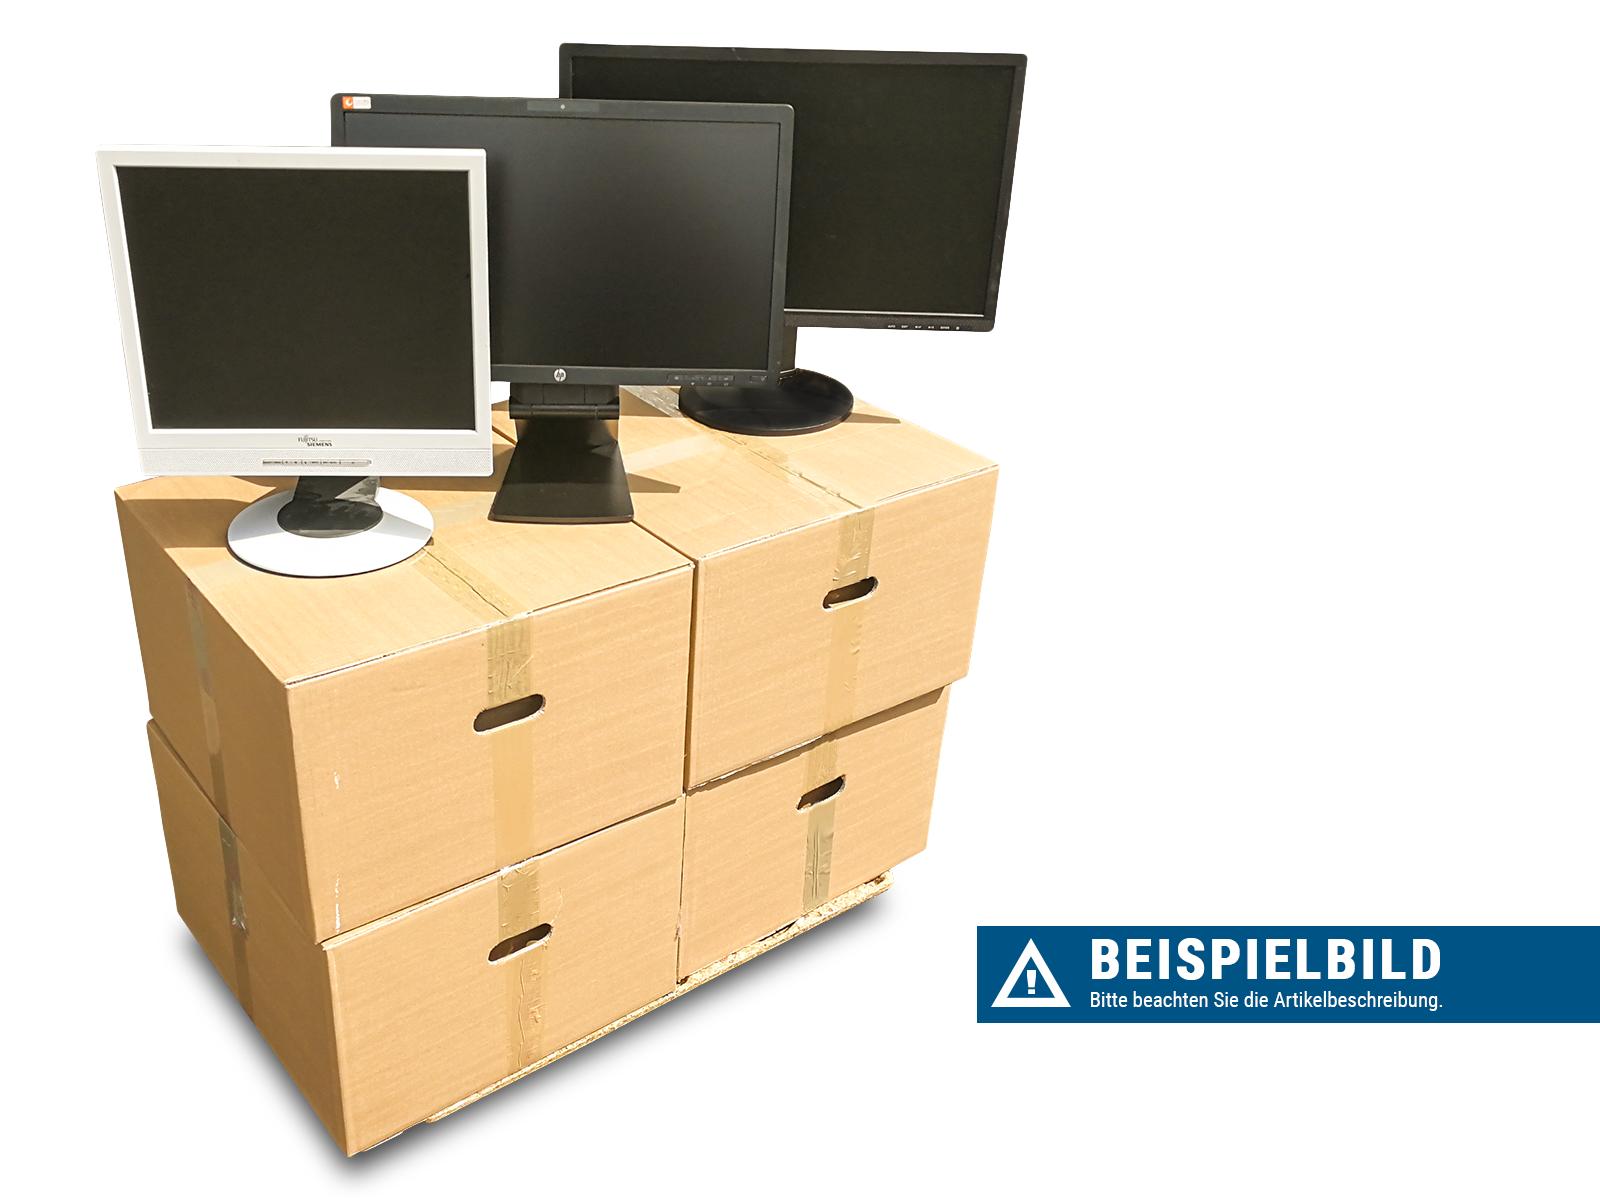 TFT PAKET:  43 Stück lt. Liste - Ohne Gewähr auf Vollständigkeit und Funktionsfähigkeit - Ungetestet direkt vom Endanwender - shop.bb-net.de